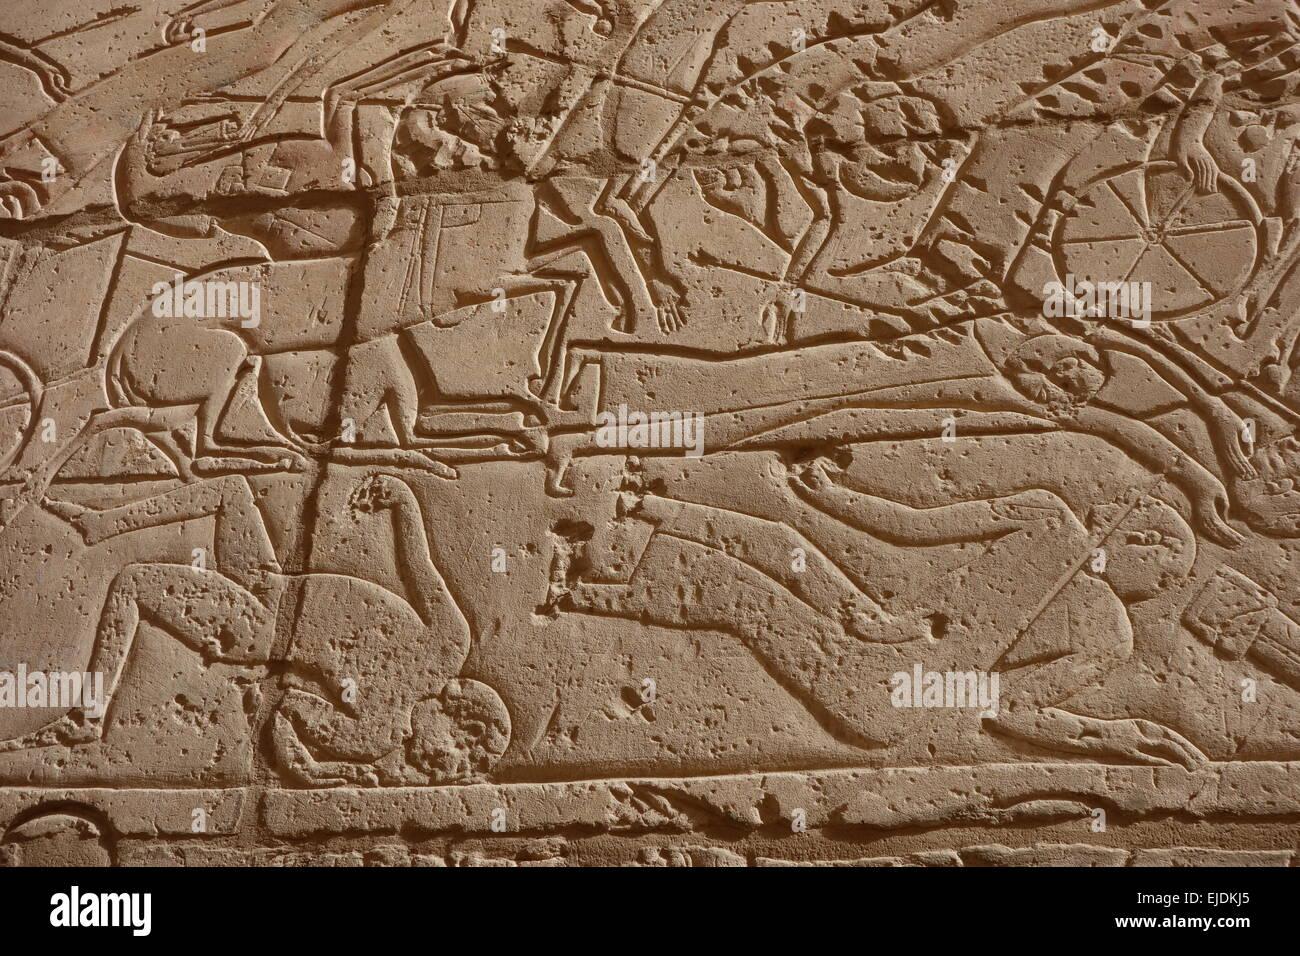 Égypte, Vallée des Rois. Temple Ramesseum montrant de chevaux de bataille violents guerriers tombés. Photo Stock